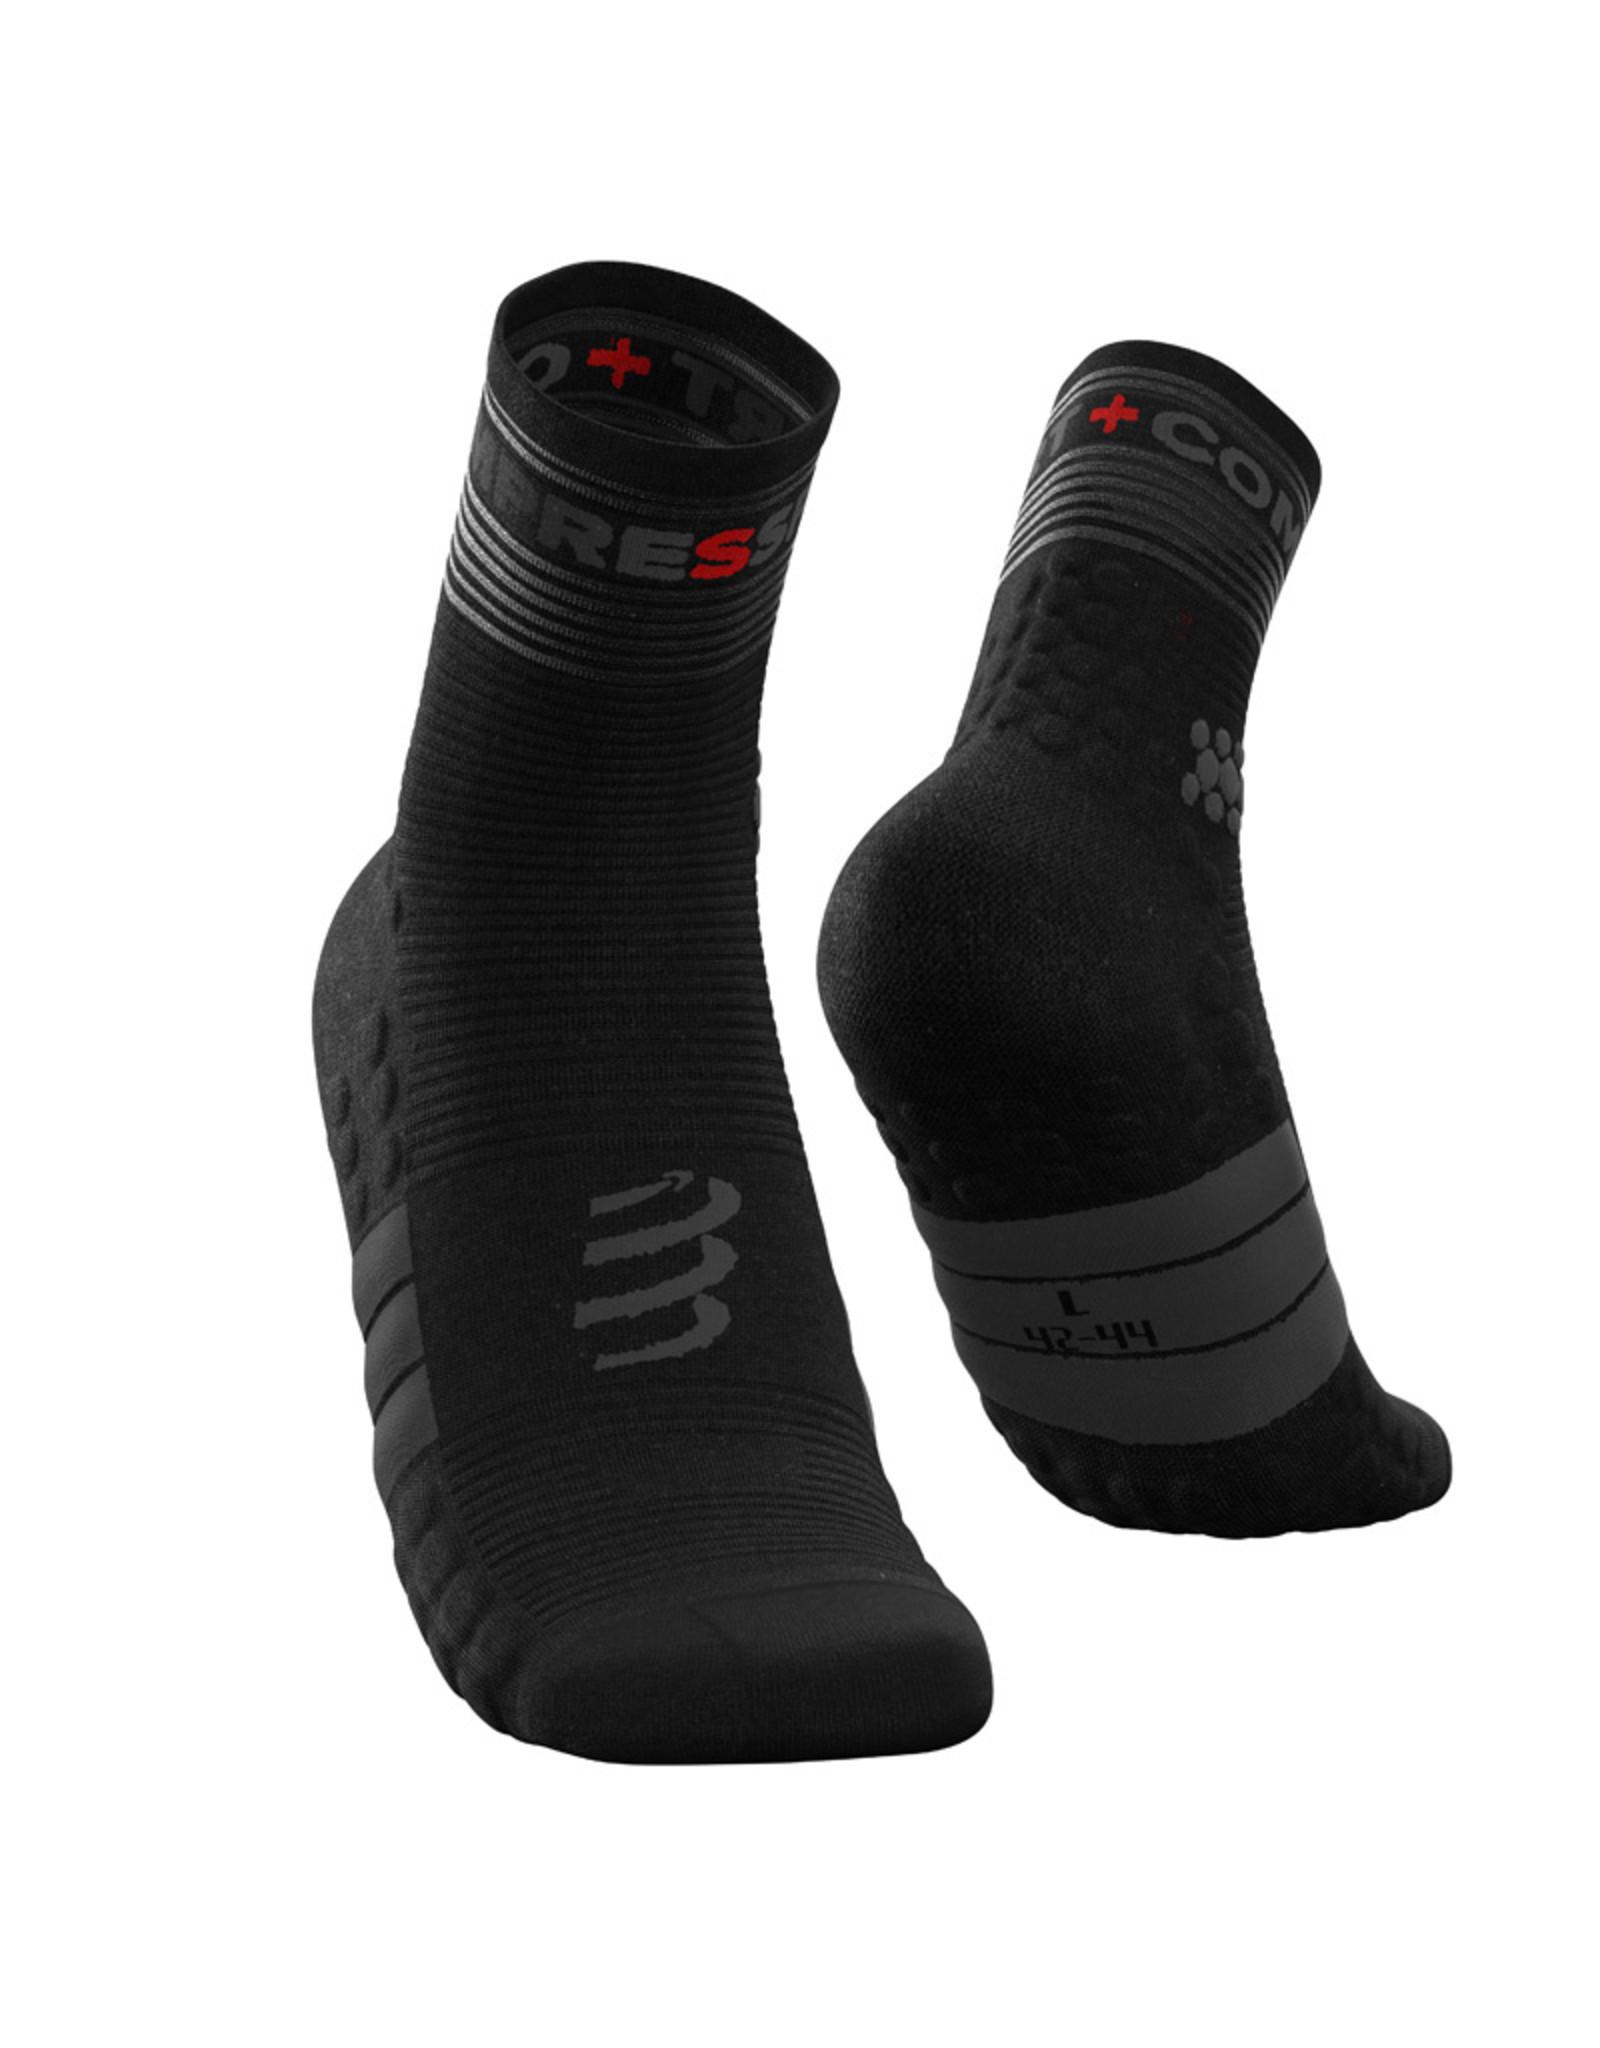 Compressport Pro Racing Socks Flash Chaussettes De Running - Noir